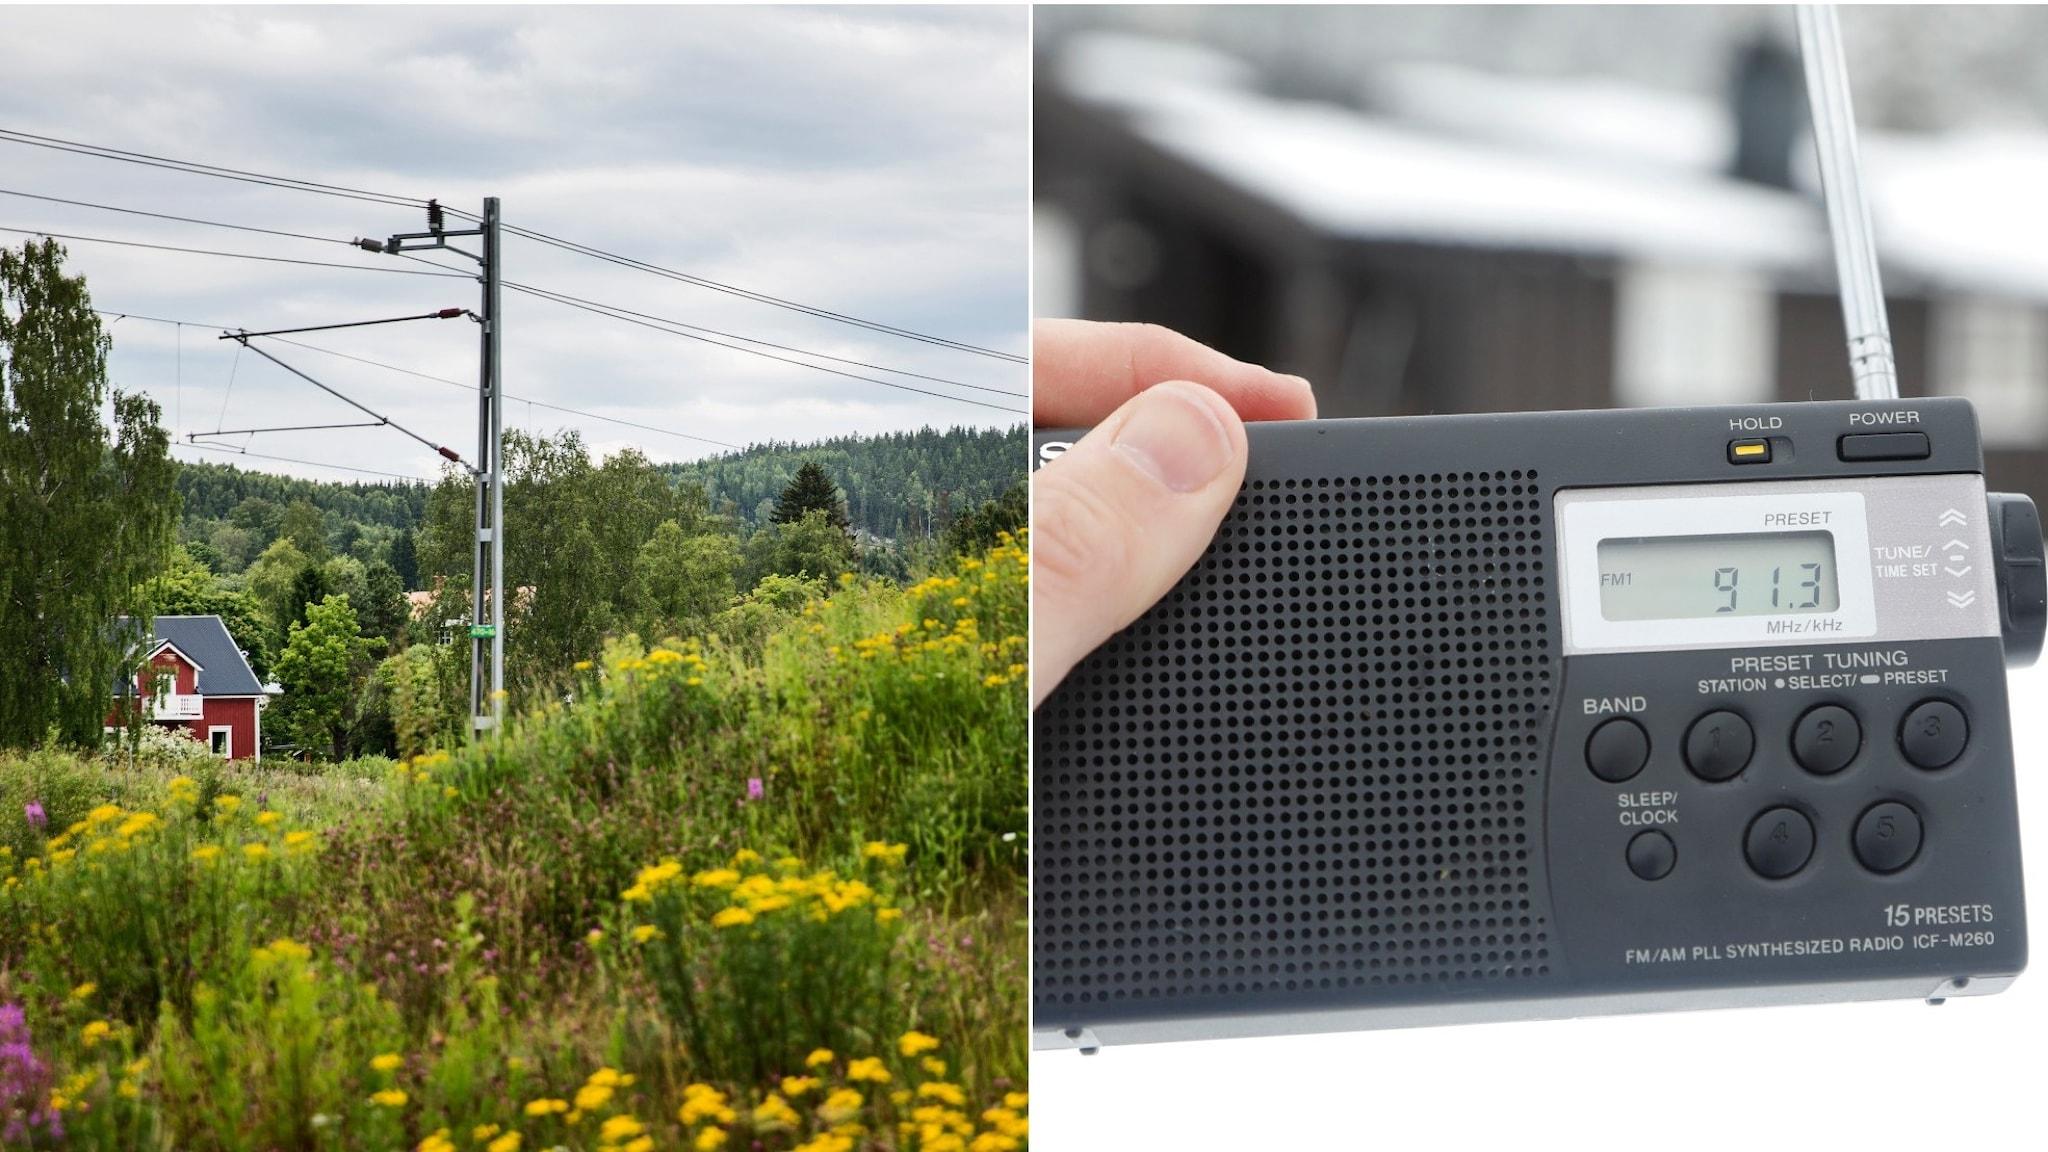 Ett hus på glesbygden och en radio.